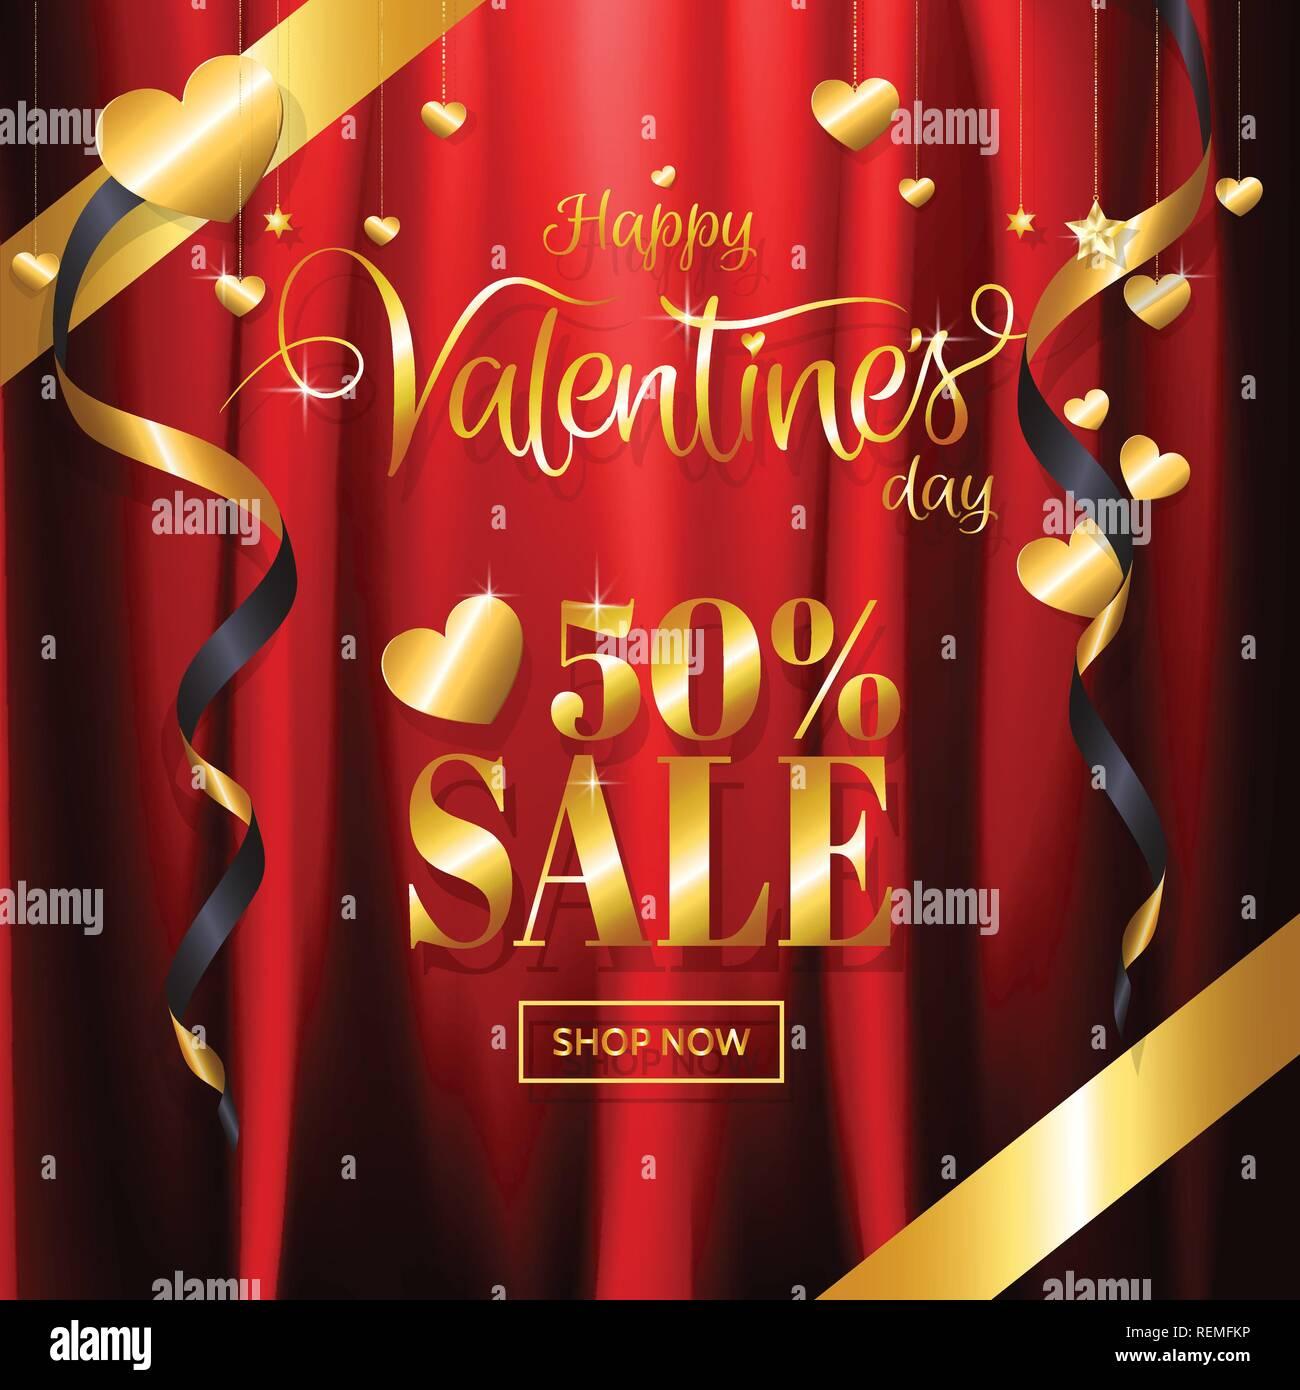 54decefd0999 El día de San Valentín de lujo venta con fondo de oro rojo glitter  caligrafía y corazón